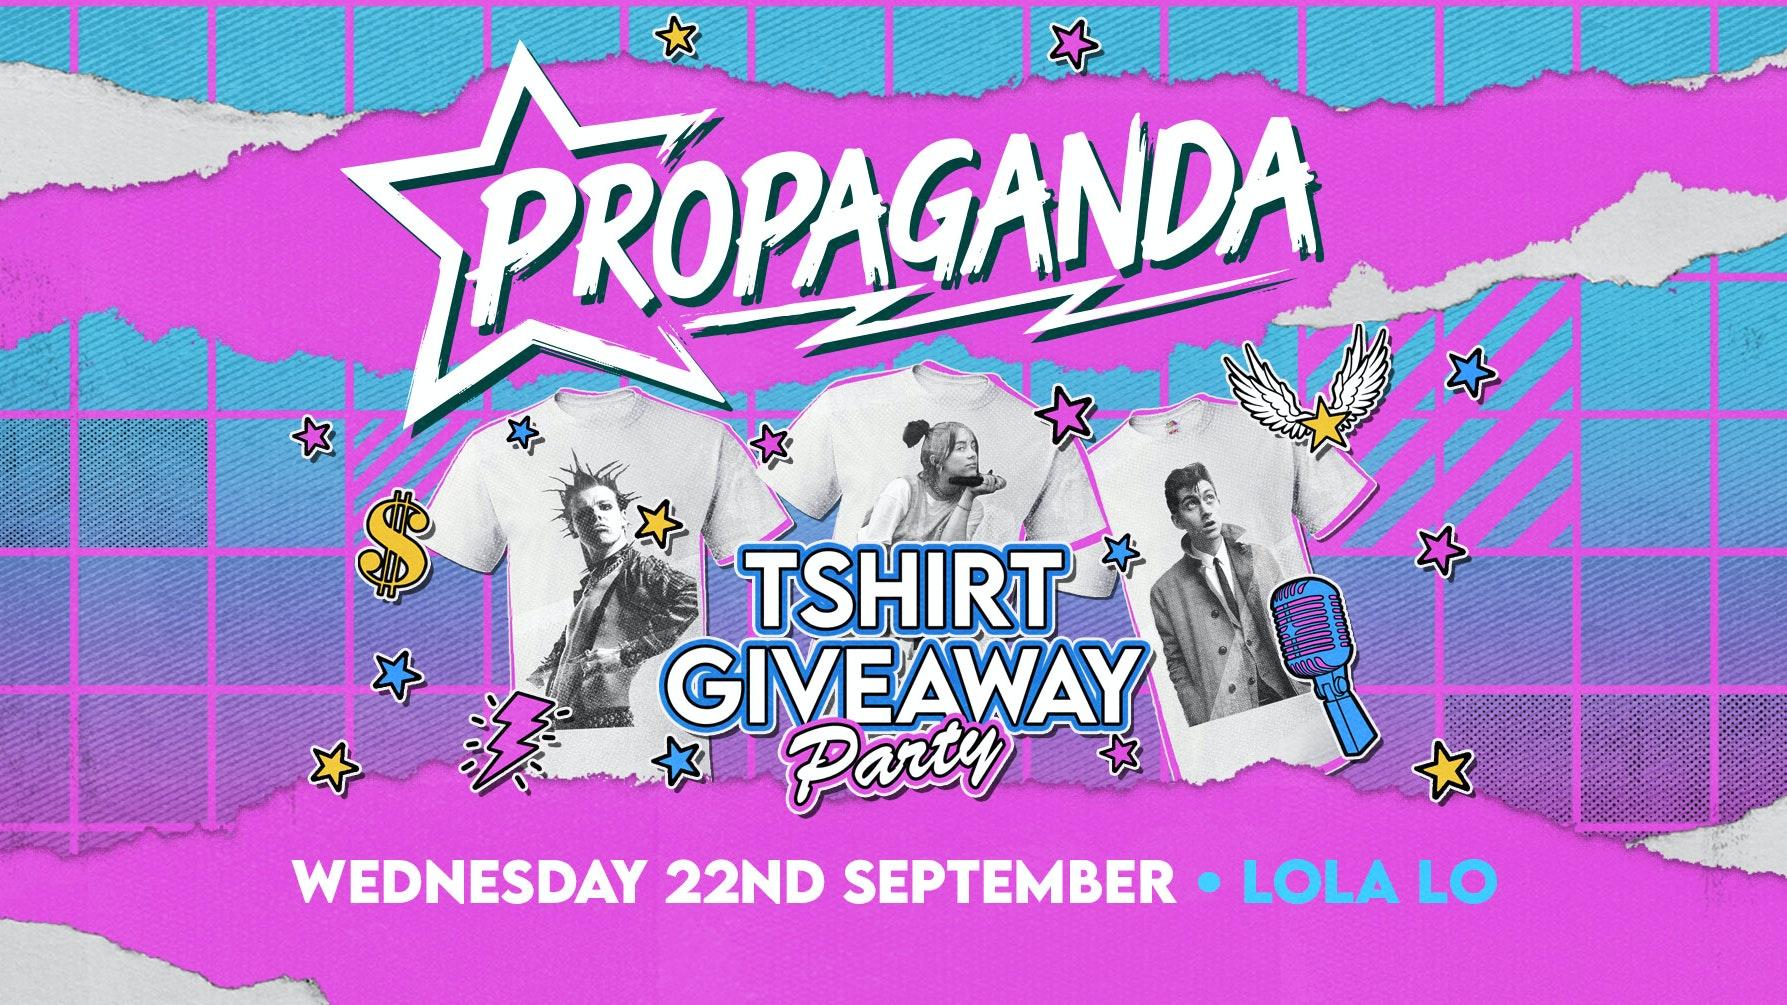 Propaganda Cambridge – T-shirt Giveaway Party at Lola Lo!